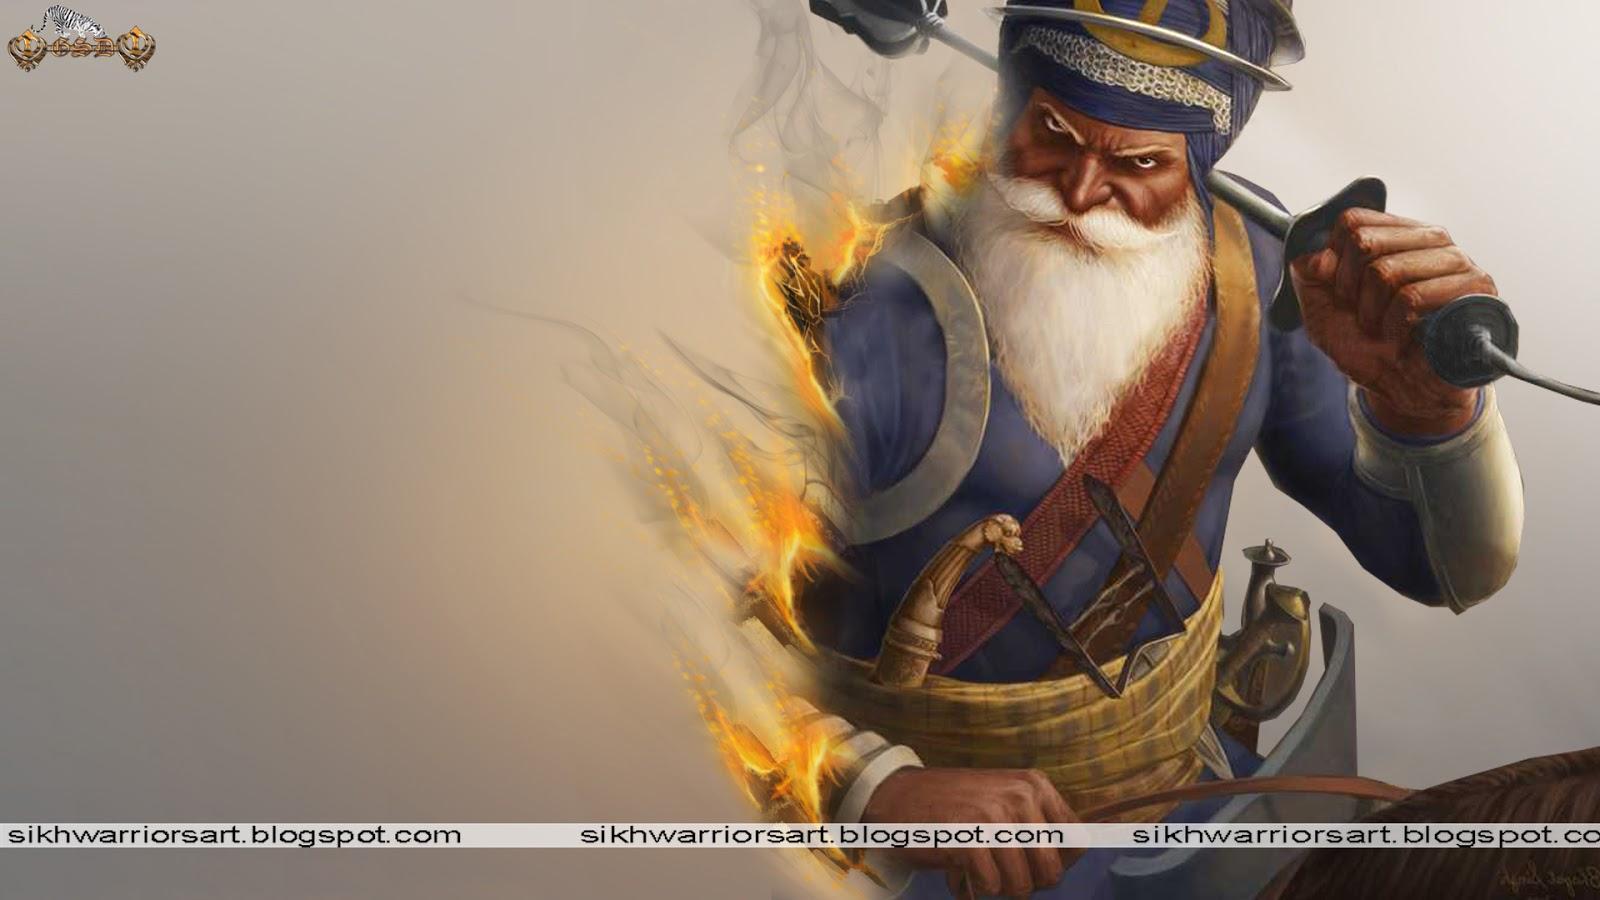 Sikh Warriors: Akali Phoola Singh